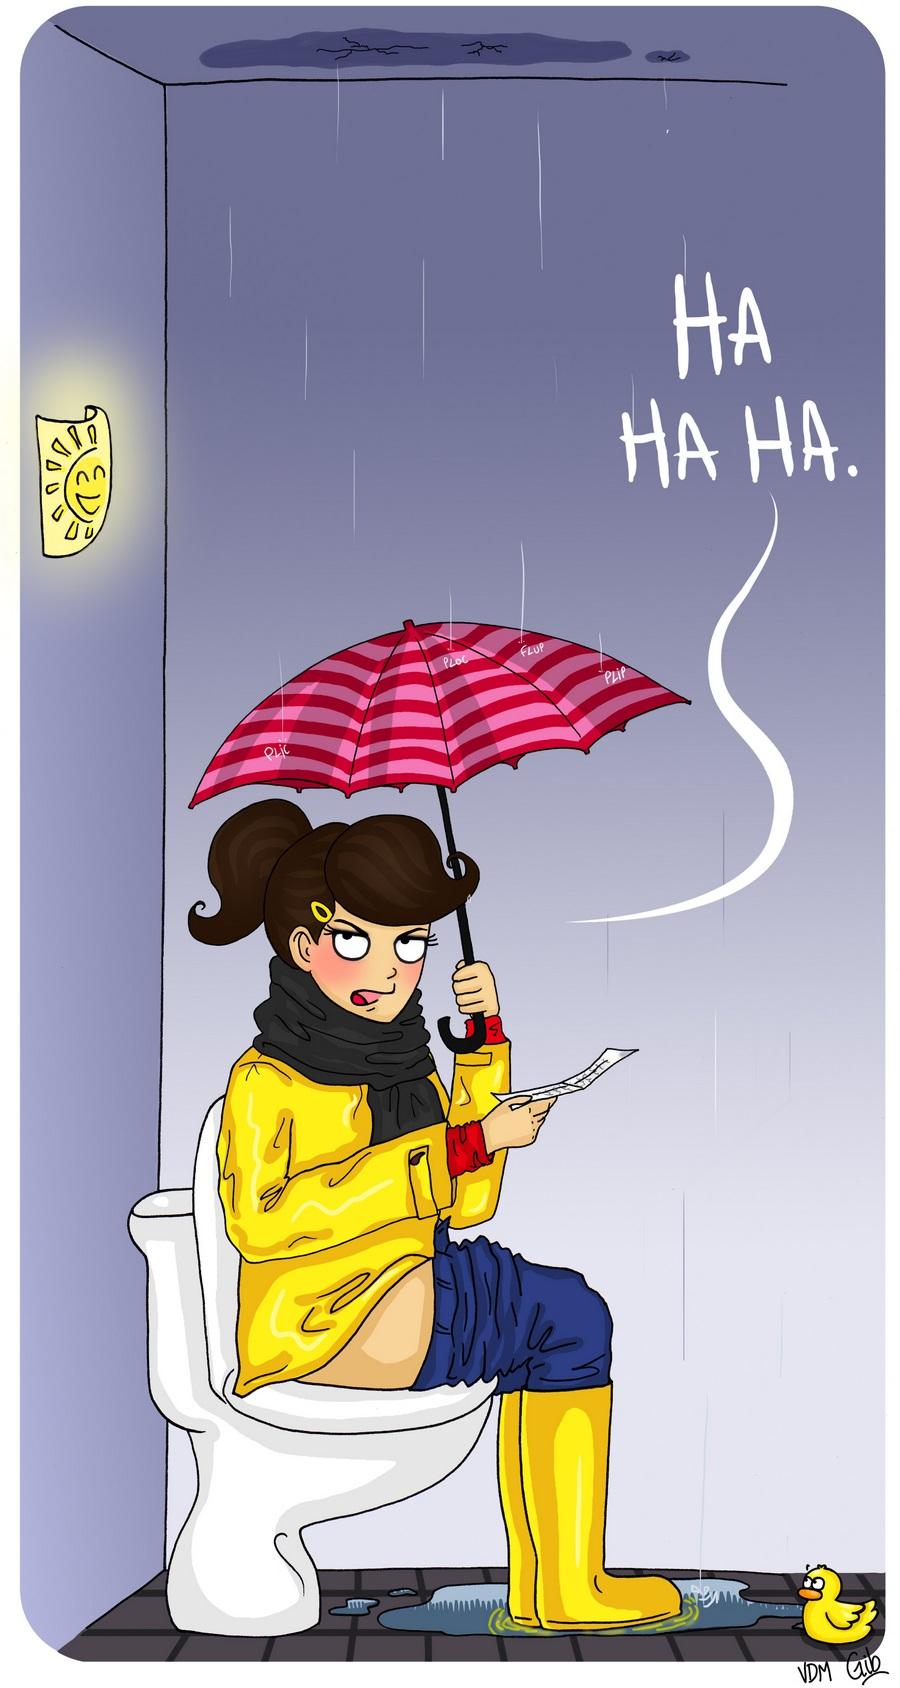 bande dessinée personnage vie de merde vdm illustrée toilettes